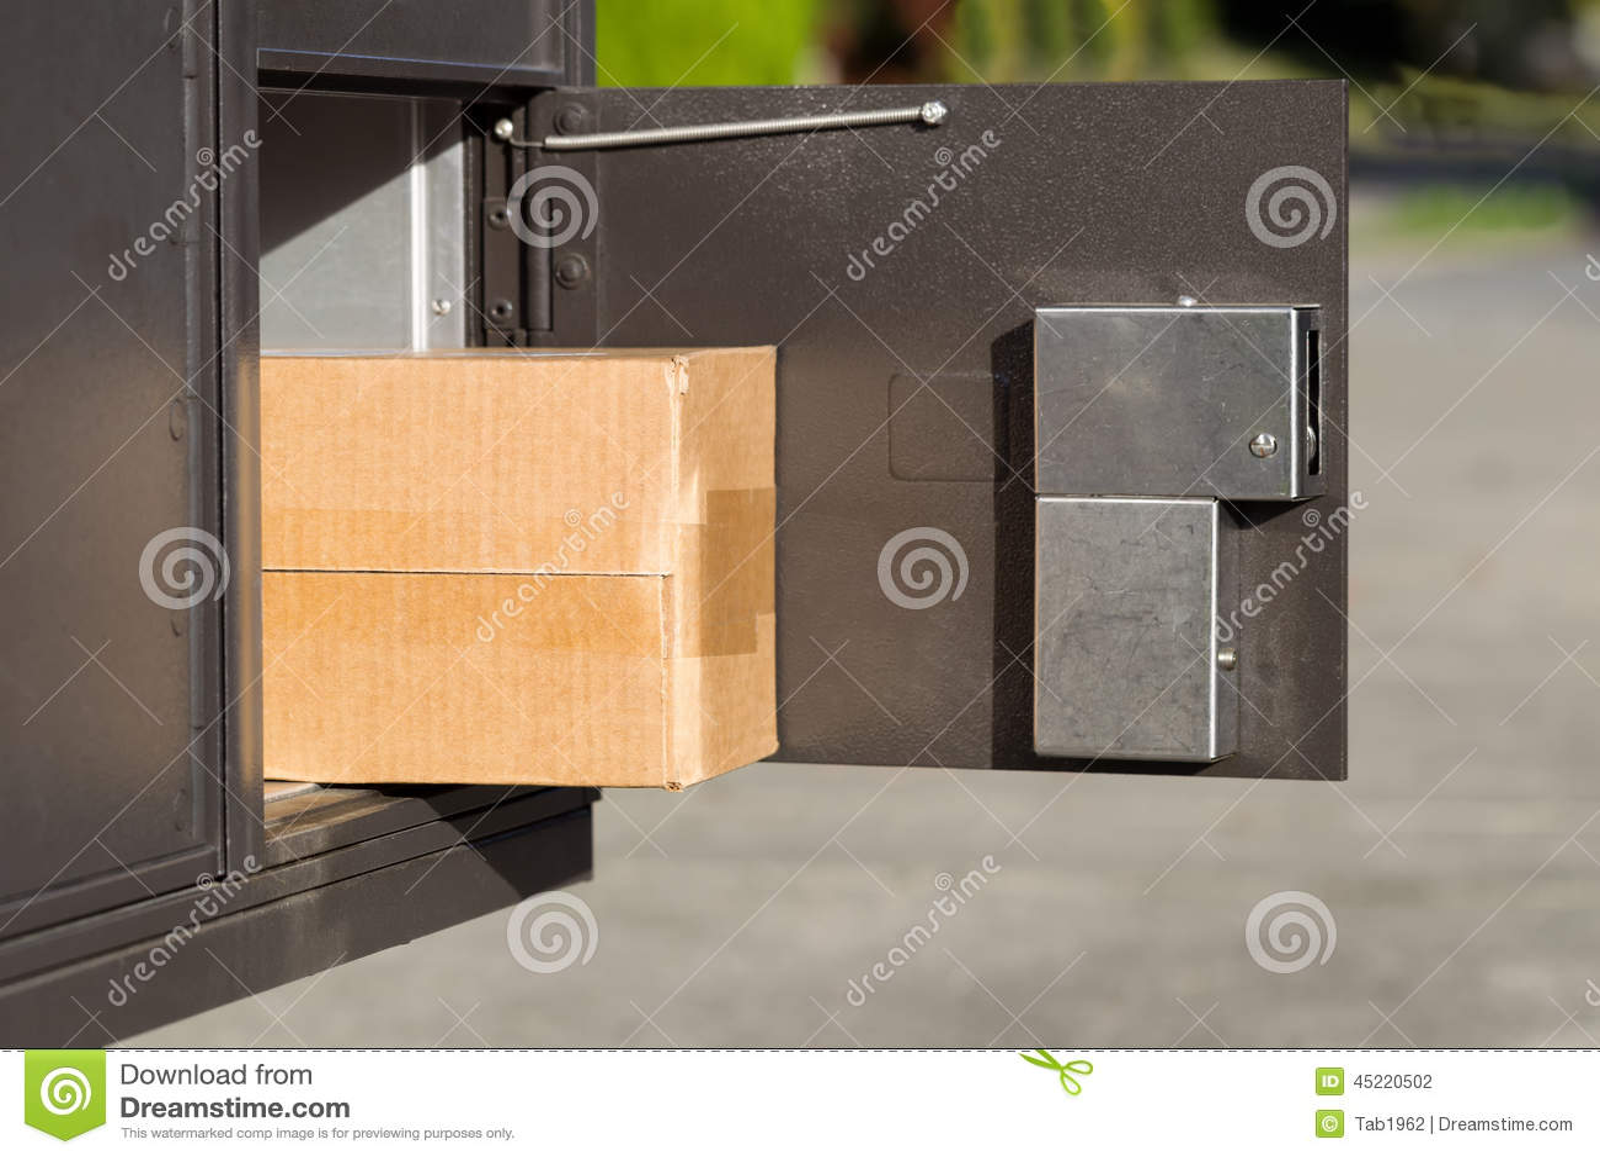 Groot Pakket binnen van postbrievenbus